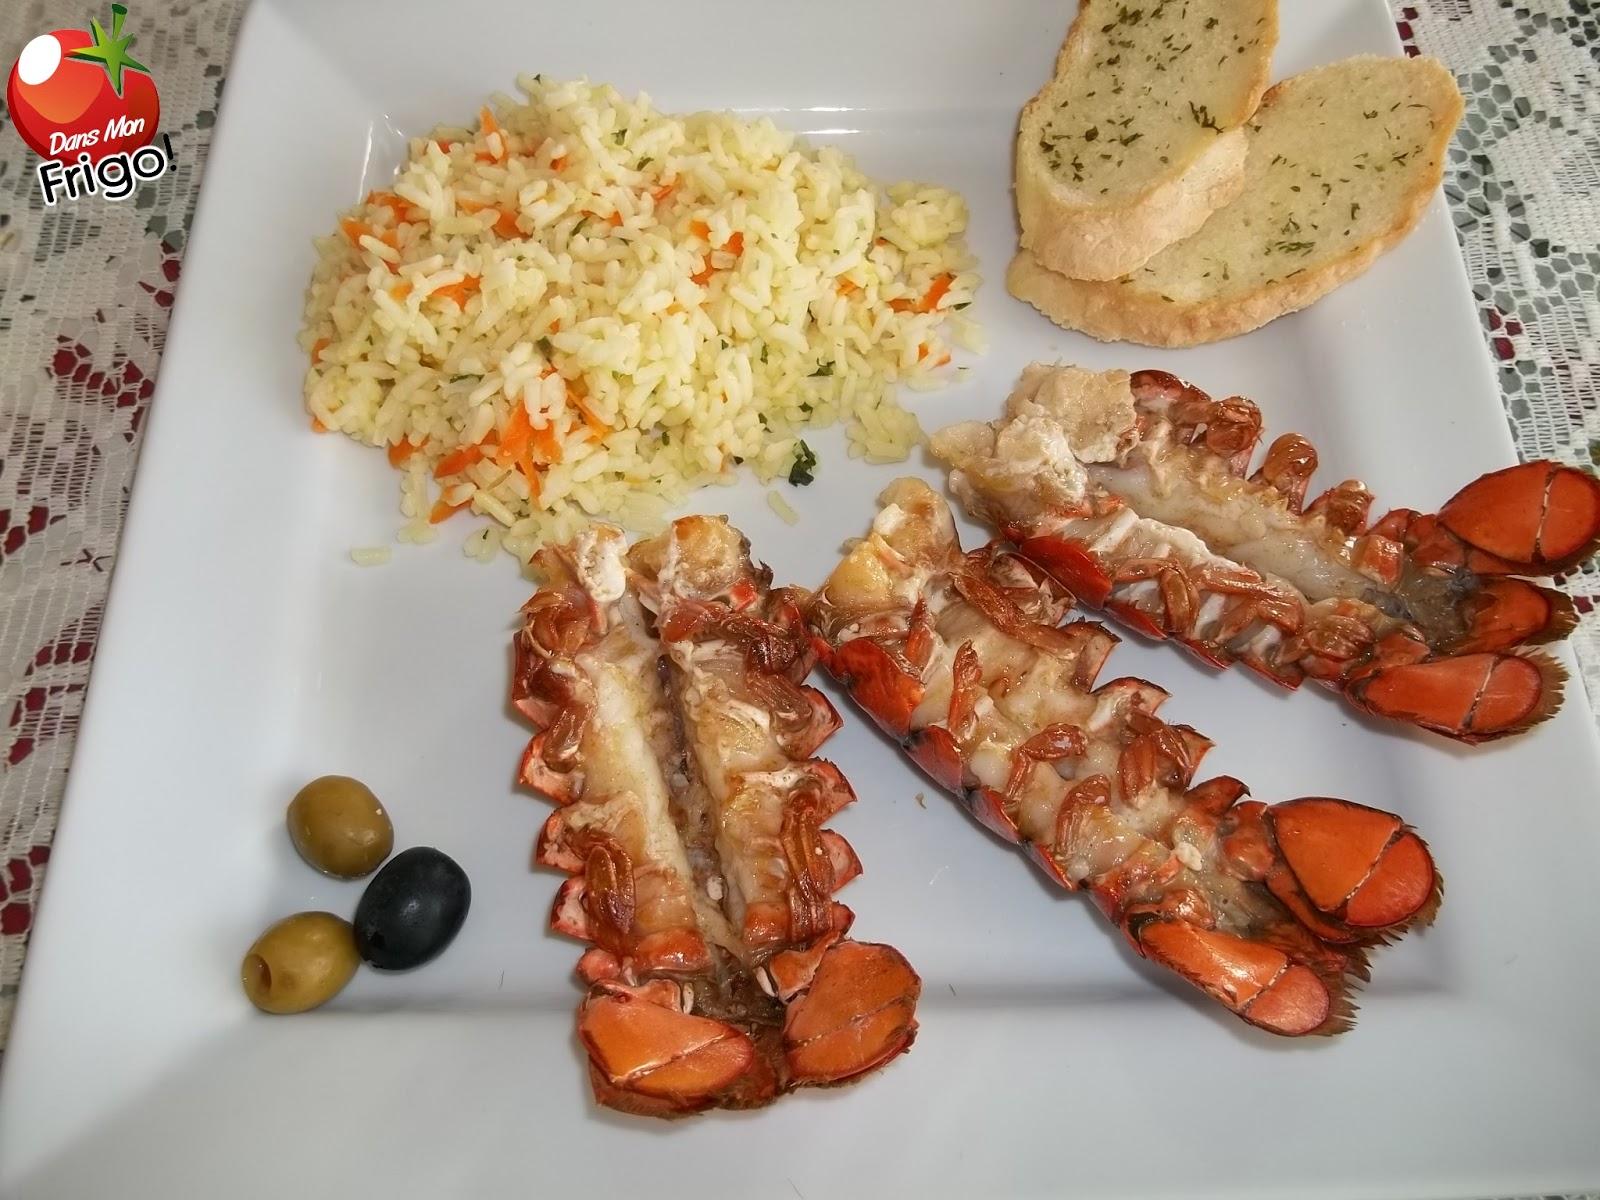 Comment cuire queue de homard congele - Cuisiner homard congele ...